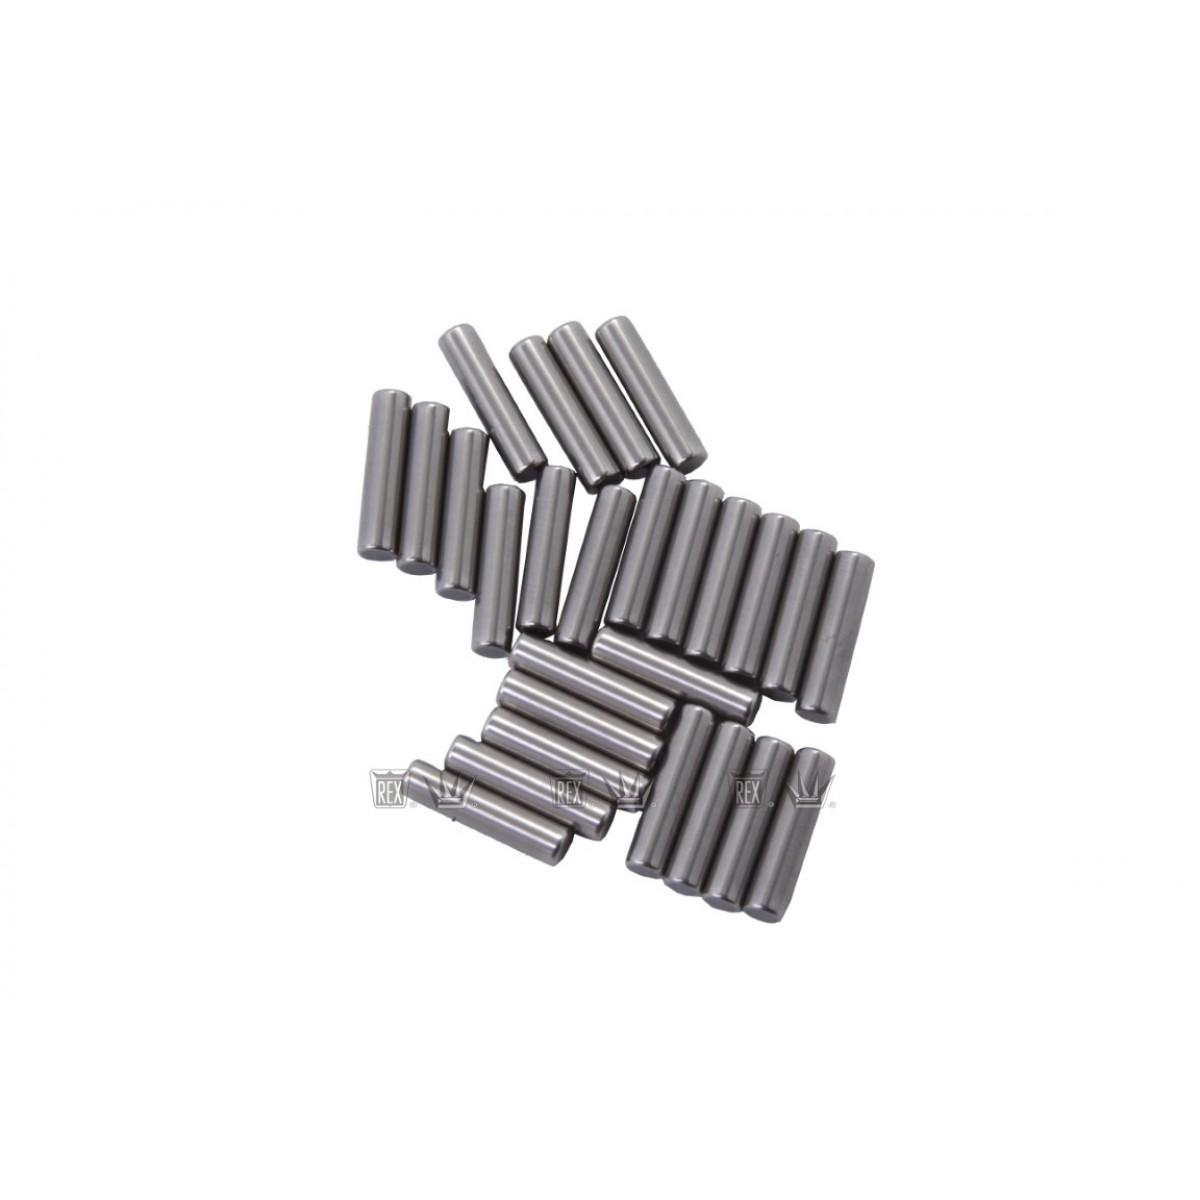 Rolete da engrenagem re caixa cambio Eaton 390V CL450/FS4005/FS4205/FS5005